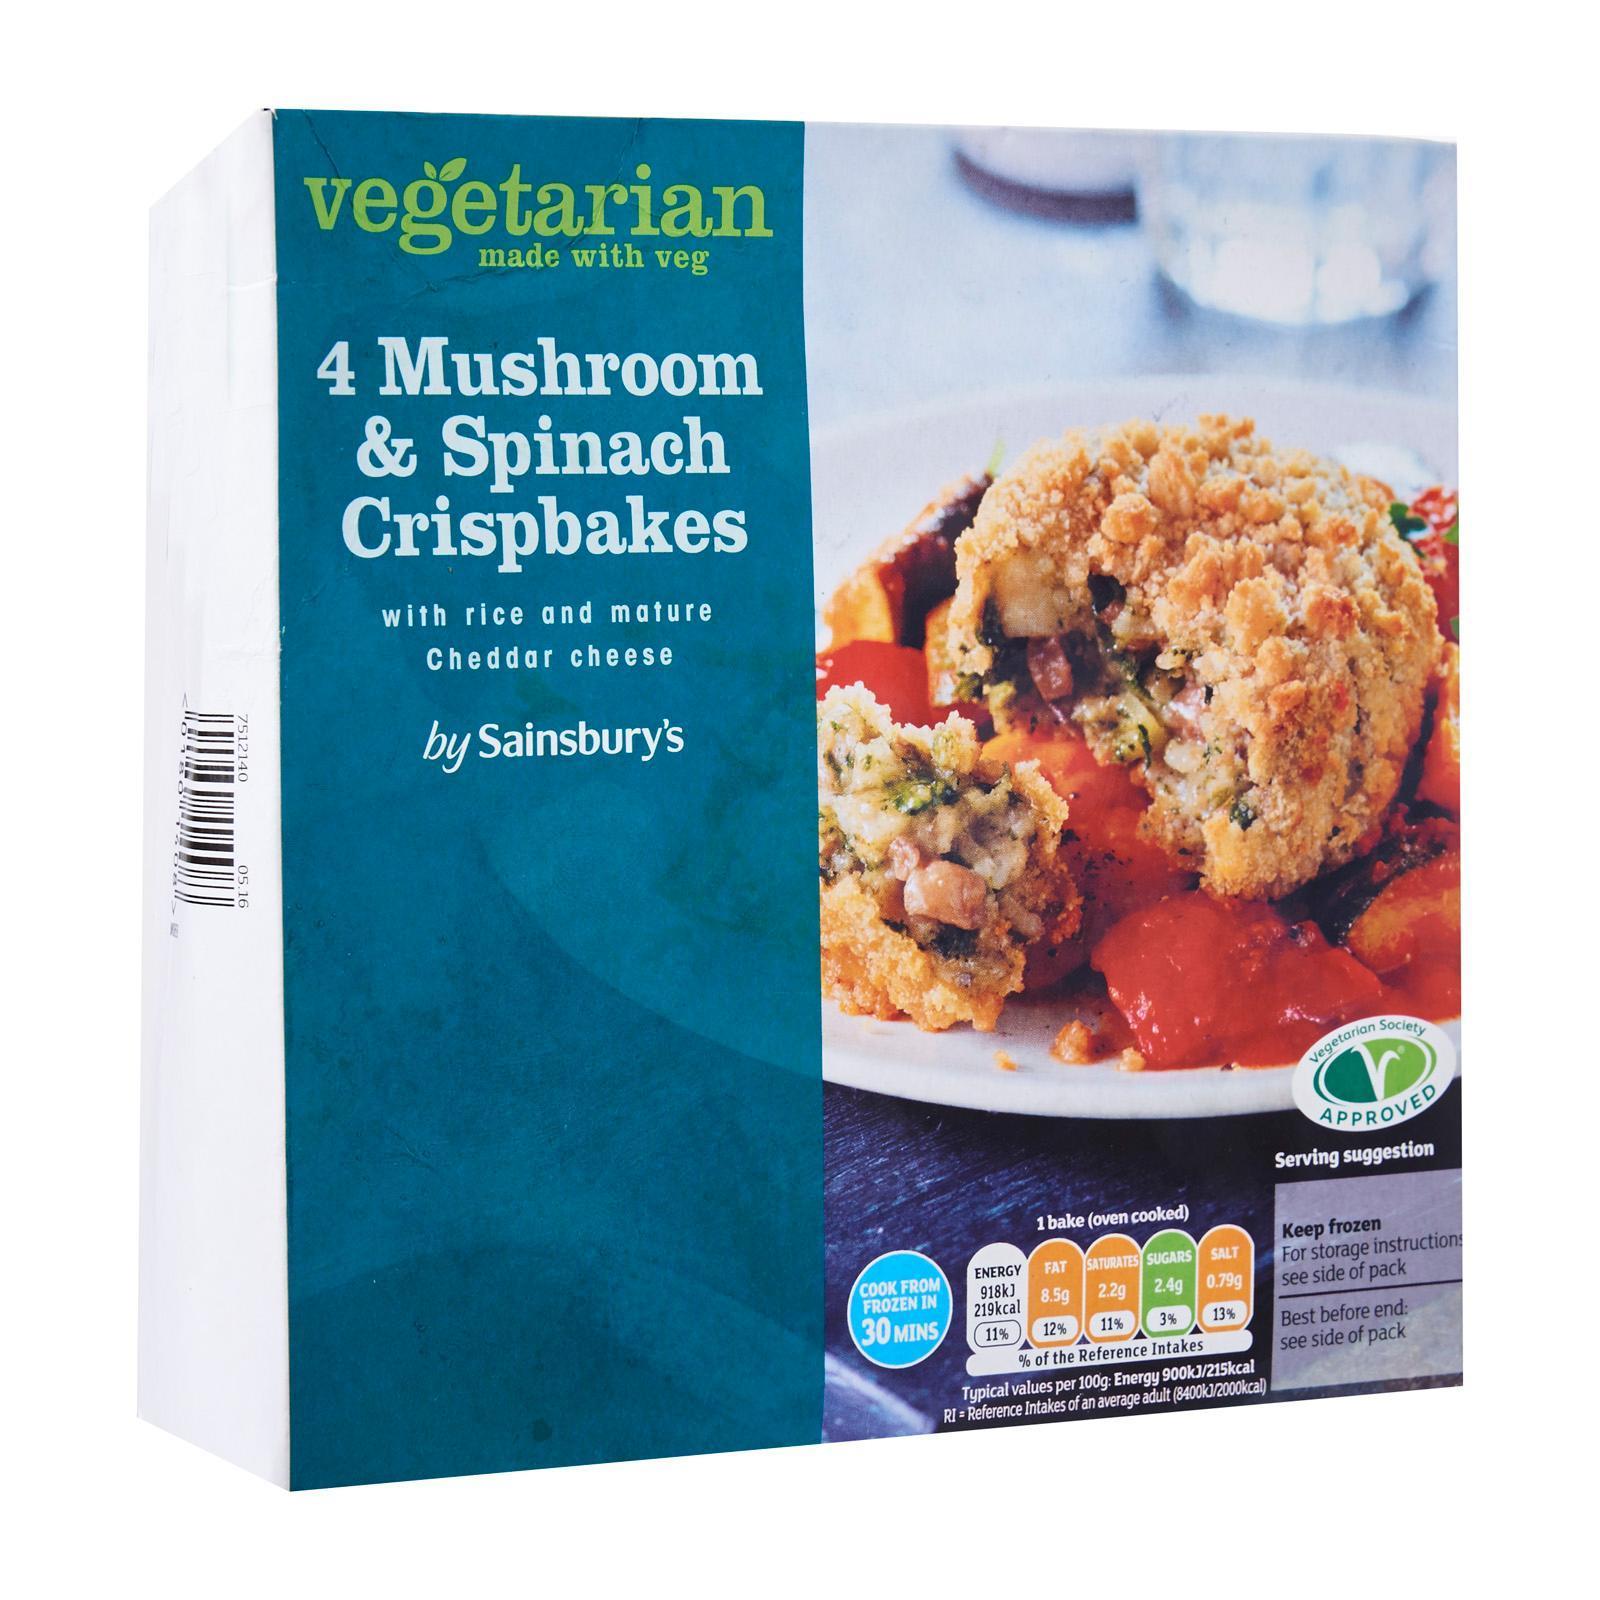 Sainsbury's Cheesey Mushroom And Spinach Crispbake With Rice - Frozen